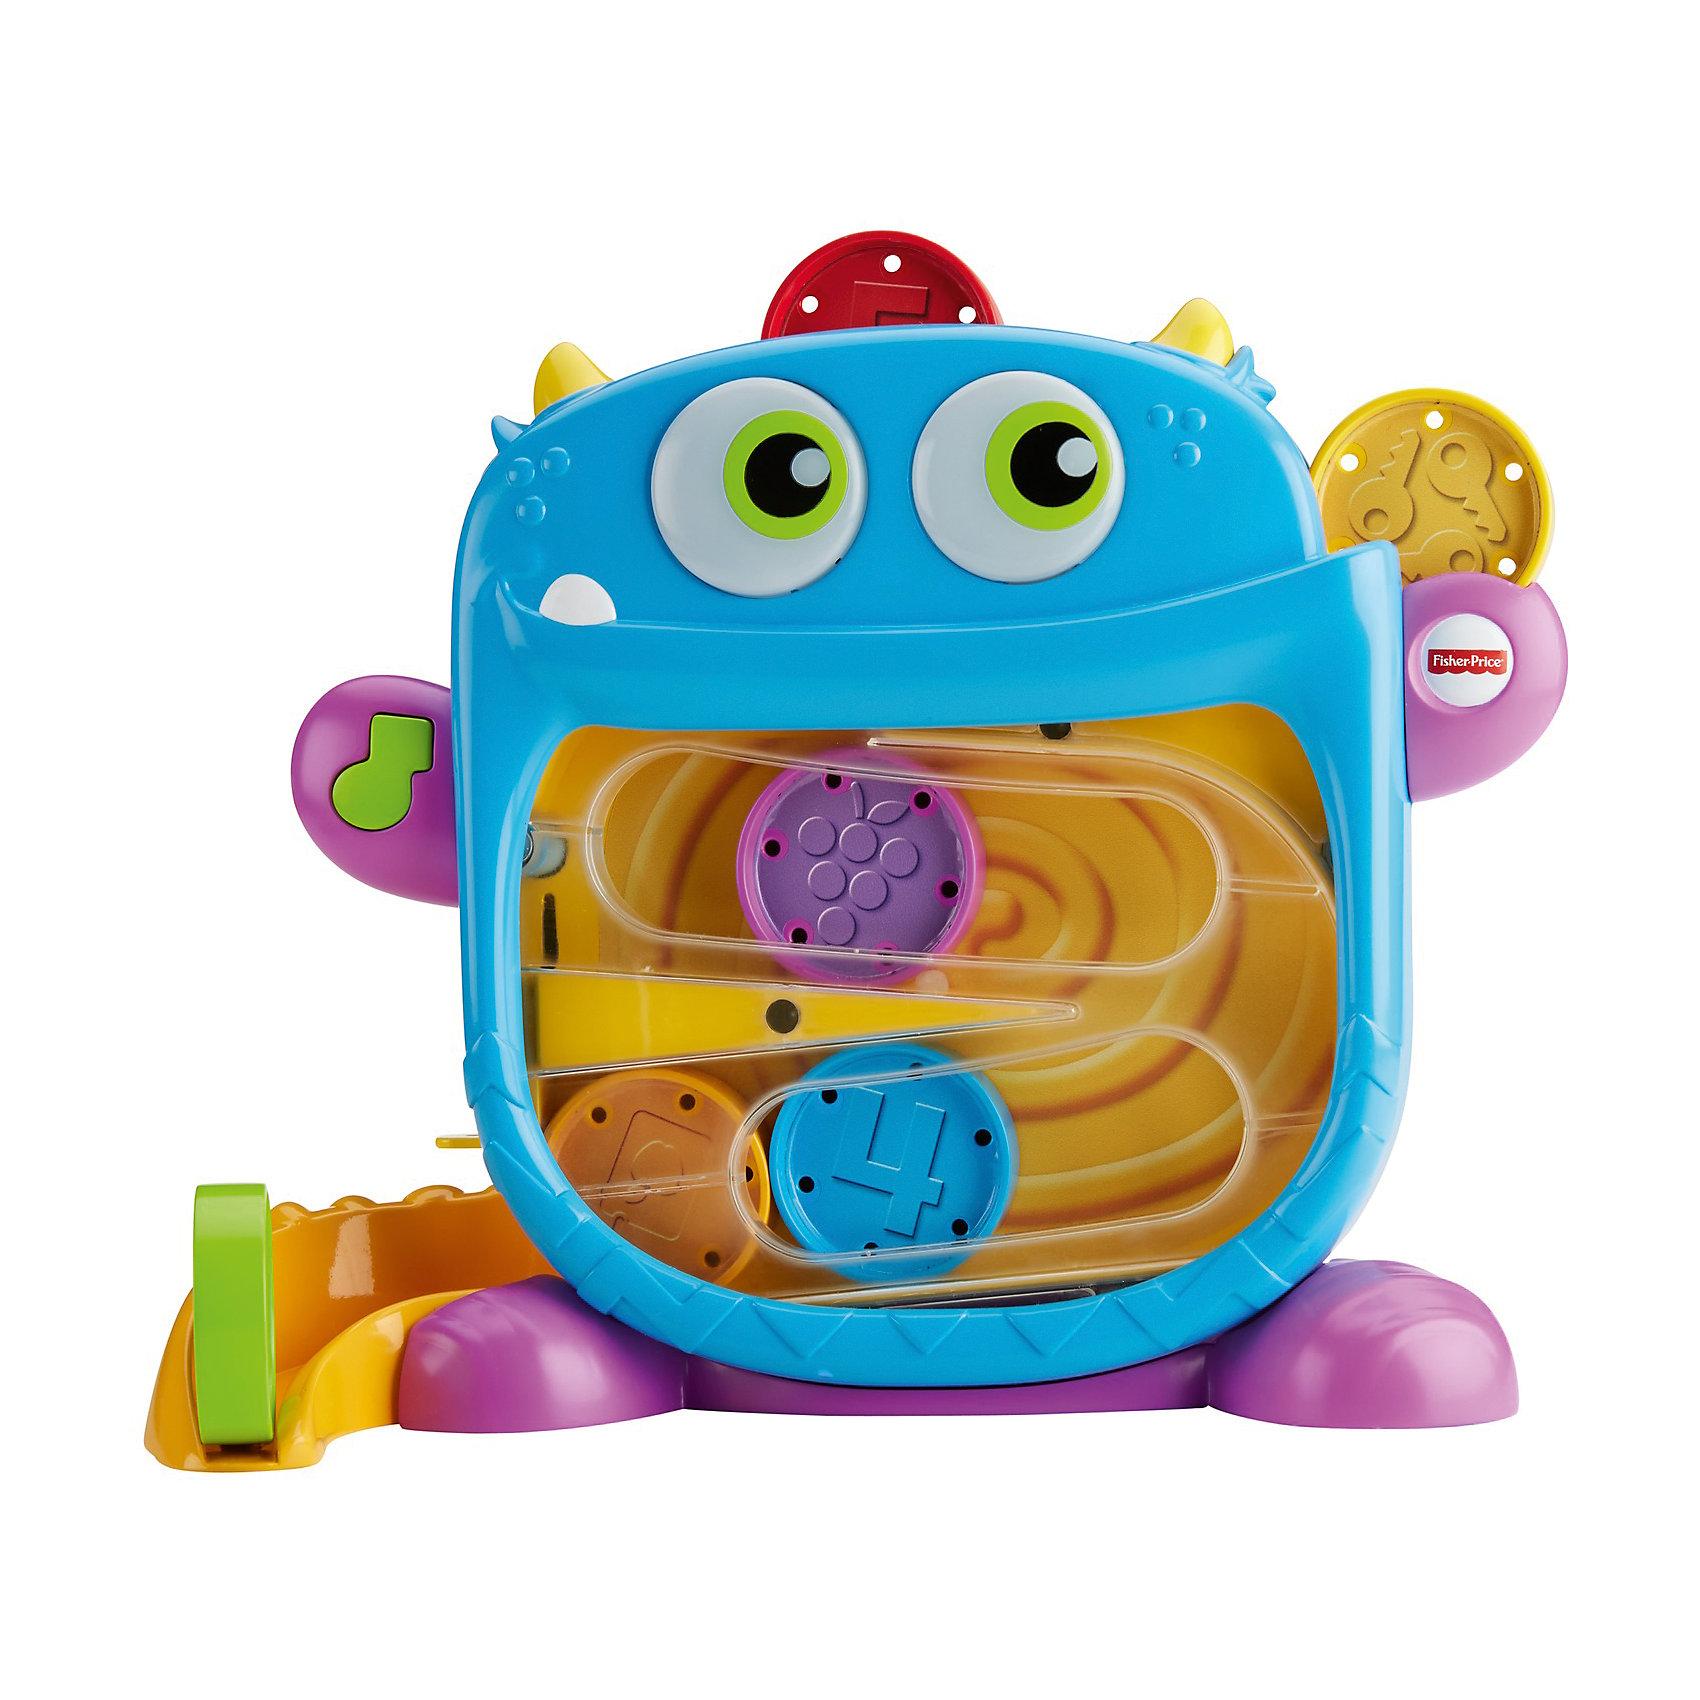 Игрушка Fisher Price Голодный монстрикРазвивающие игрушки<br>Характеристики товара:<br><br>• возраст: 9 мес. и старше<br>• свет/звук<br>• материал: пластик;<br>• упаковка: коробка открытого типа;<br>• в наборе 6 дисков, чтобы кормить монстрика <br>• страна бренда: США<br><br>Кто здесь голодный, кого покормить? Это он, жующий монстрик! Благодаря двум отверстиям для еды, малыш может кормить монстра вкусным миксом из ярких угощений и смотреть, как те скатываются в животик монстра и вниз по хвосту, издавая смешные звуки! Чав, чав! Когда он жует, его глаза светятся. А когда время кормления подошло к концу, просто отодвиньте дверцу возле его хвоста, чтобы хранить угощения внутри. <br><br>Вставляйте разноцветные диски в голову монстрика и смотрите, как те скатываются в его животик и хвост. Малыша вознаграждают веселые звуки жевания и светящиеся глаза монстрика. Используйте дверцу на его хвосте, чтобы хранить диски внутри.<br><br>Малыш понимает, что бросая диски в сортер активируется подсветка в глазах монстирка, и это побуждает малыша с нетерпением ждать новых открытий! По мере того, как ребенок практикует свои навыки кормления монстра, он начинает делать это быстрее, тем самым повышая собственную самооценку.<br><br>Ширина мм: 314<br>Глубина мм: 282<br>Высота мм: 111<br>Вес г: 1099<br>Возраст от месяцев: 9<br>Возраст до месяцев: 24<br>Пол: Унисекс<br>Возраст: Детский<br>SKU: 6838621